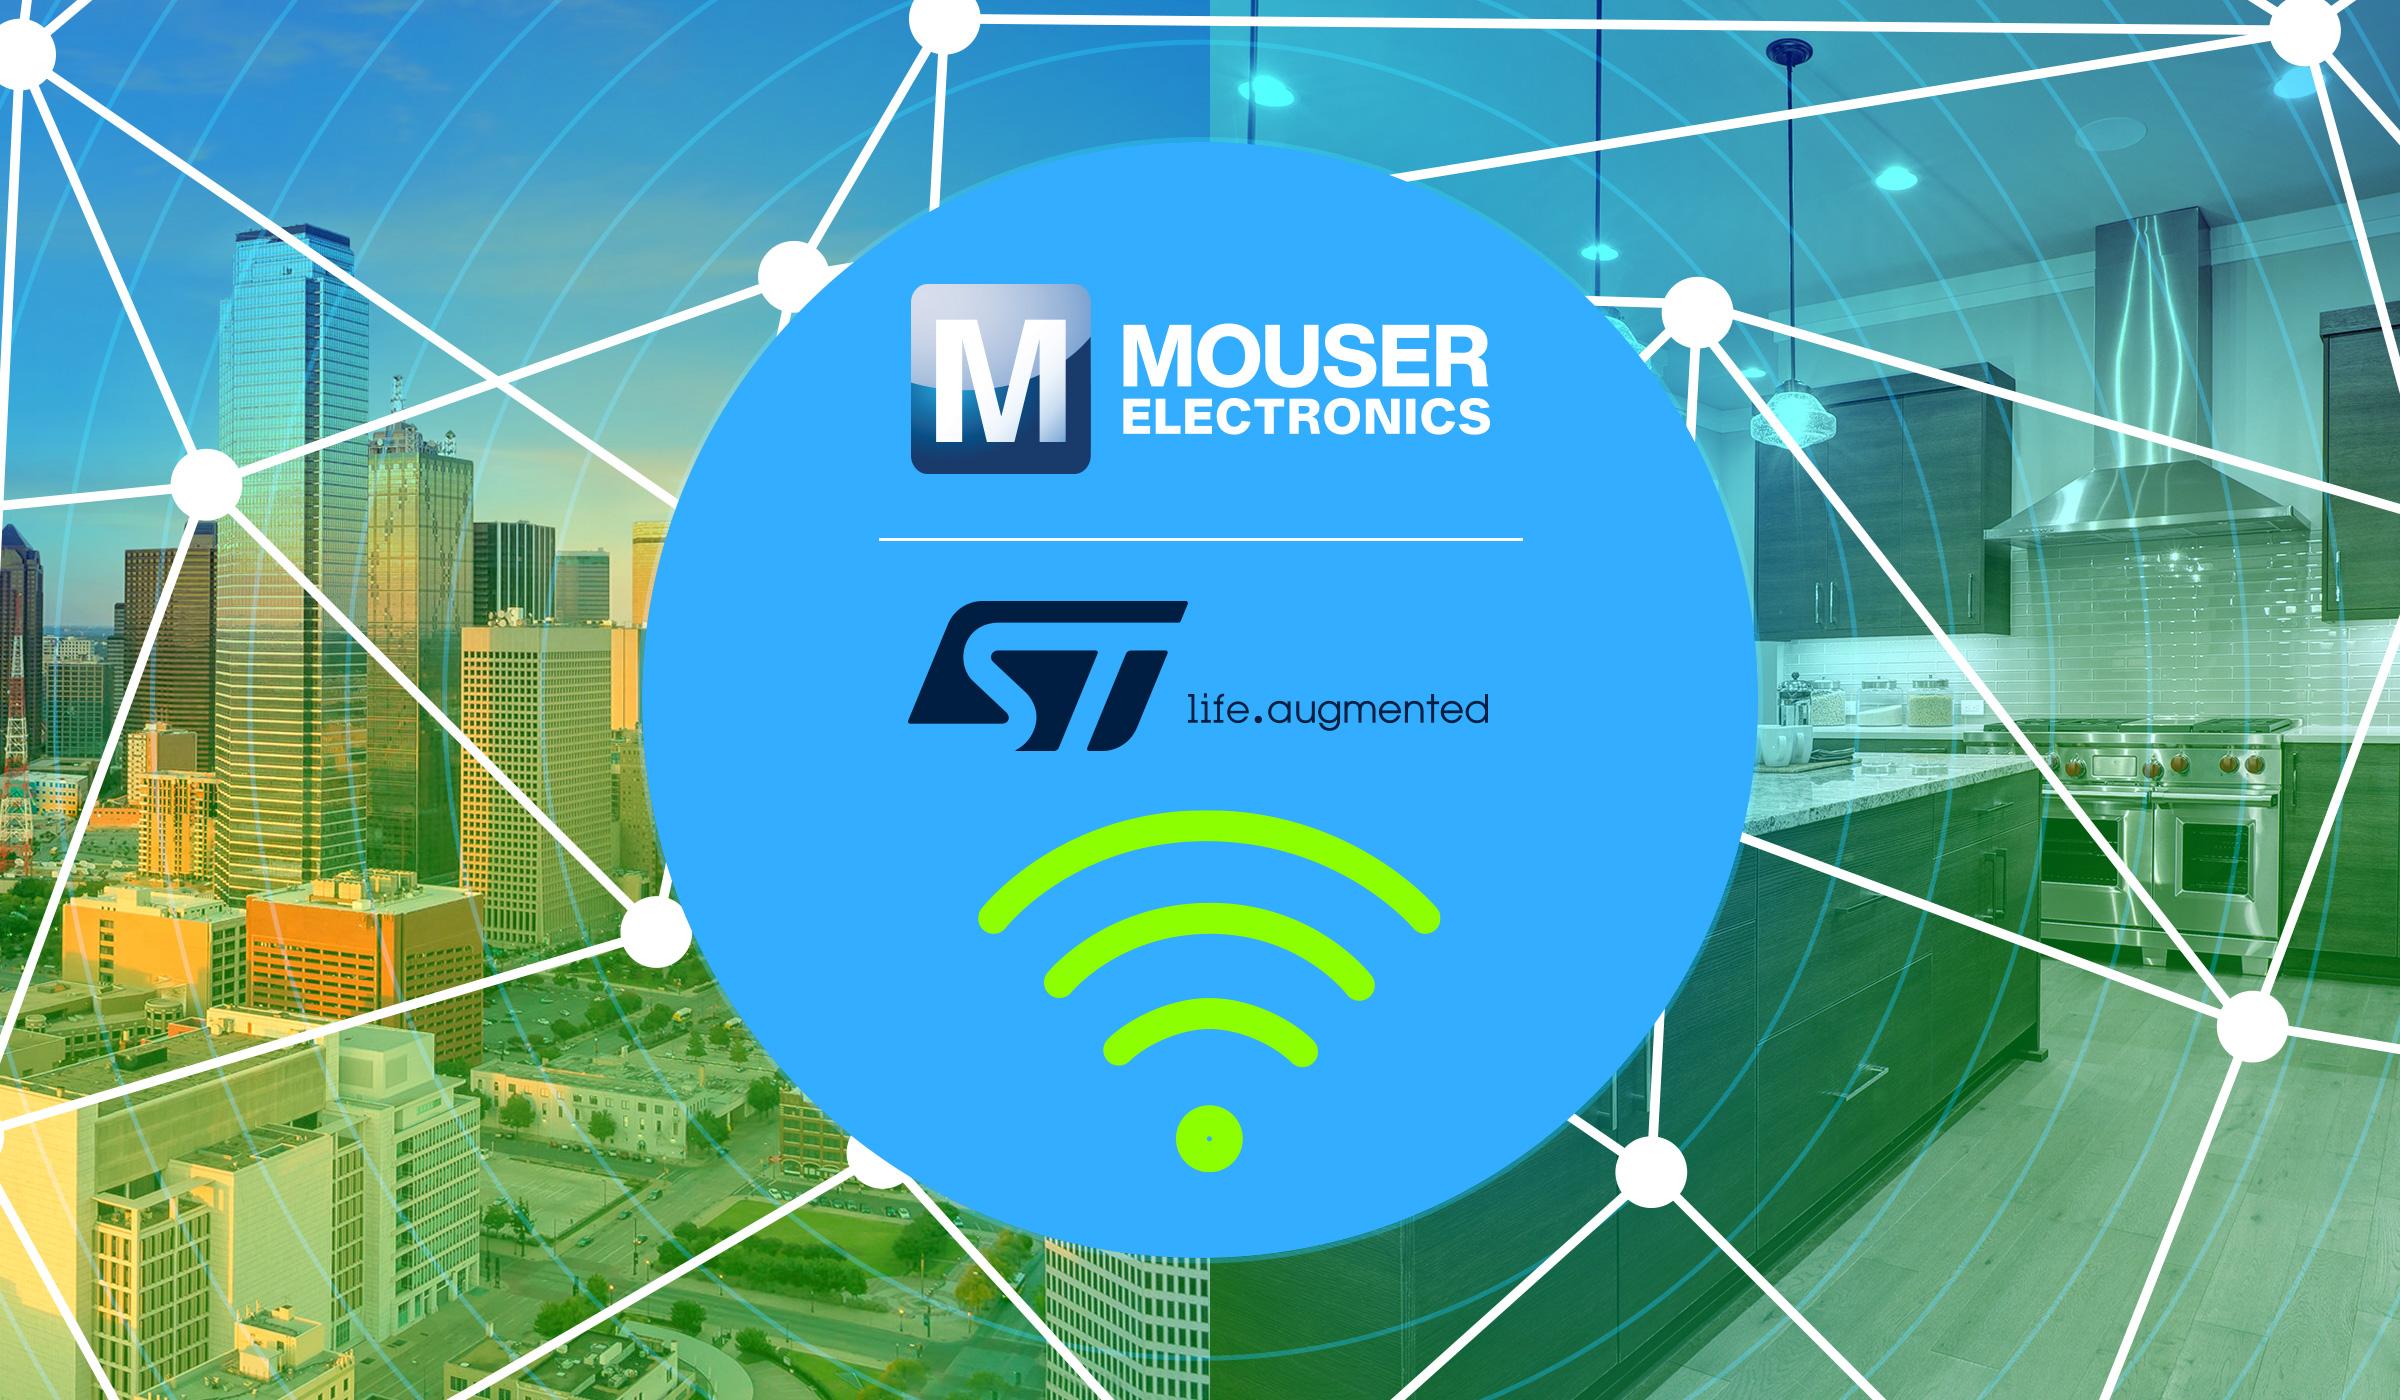 贸泽电子联手STMicroelectronics推出全新内容网站 聚焦无线解决方案